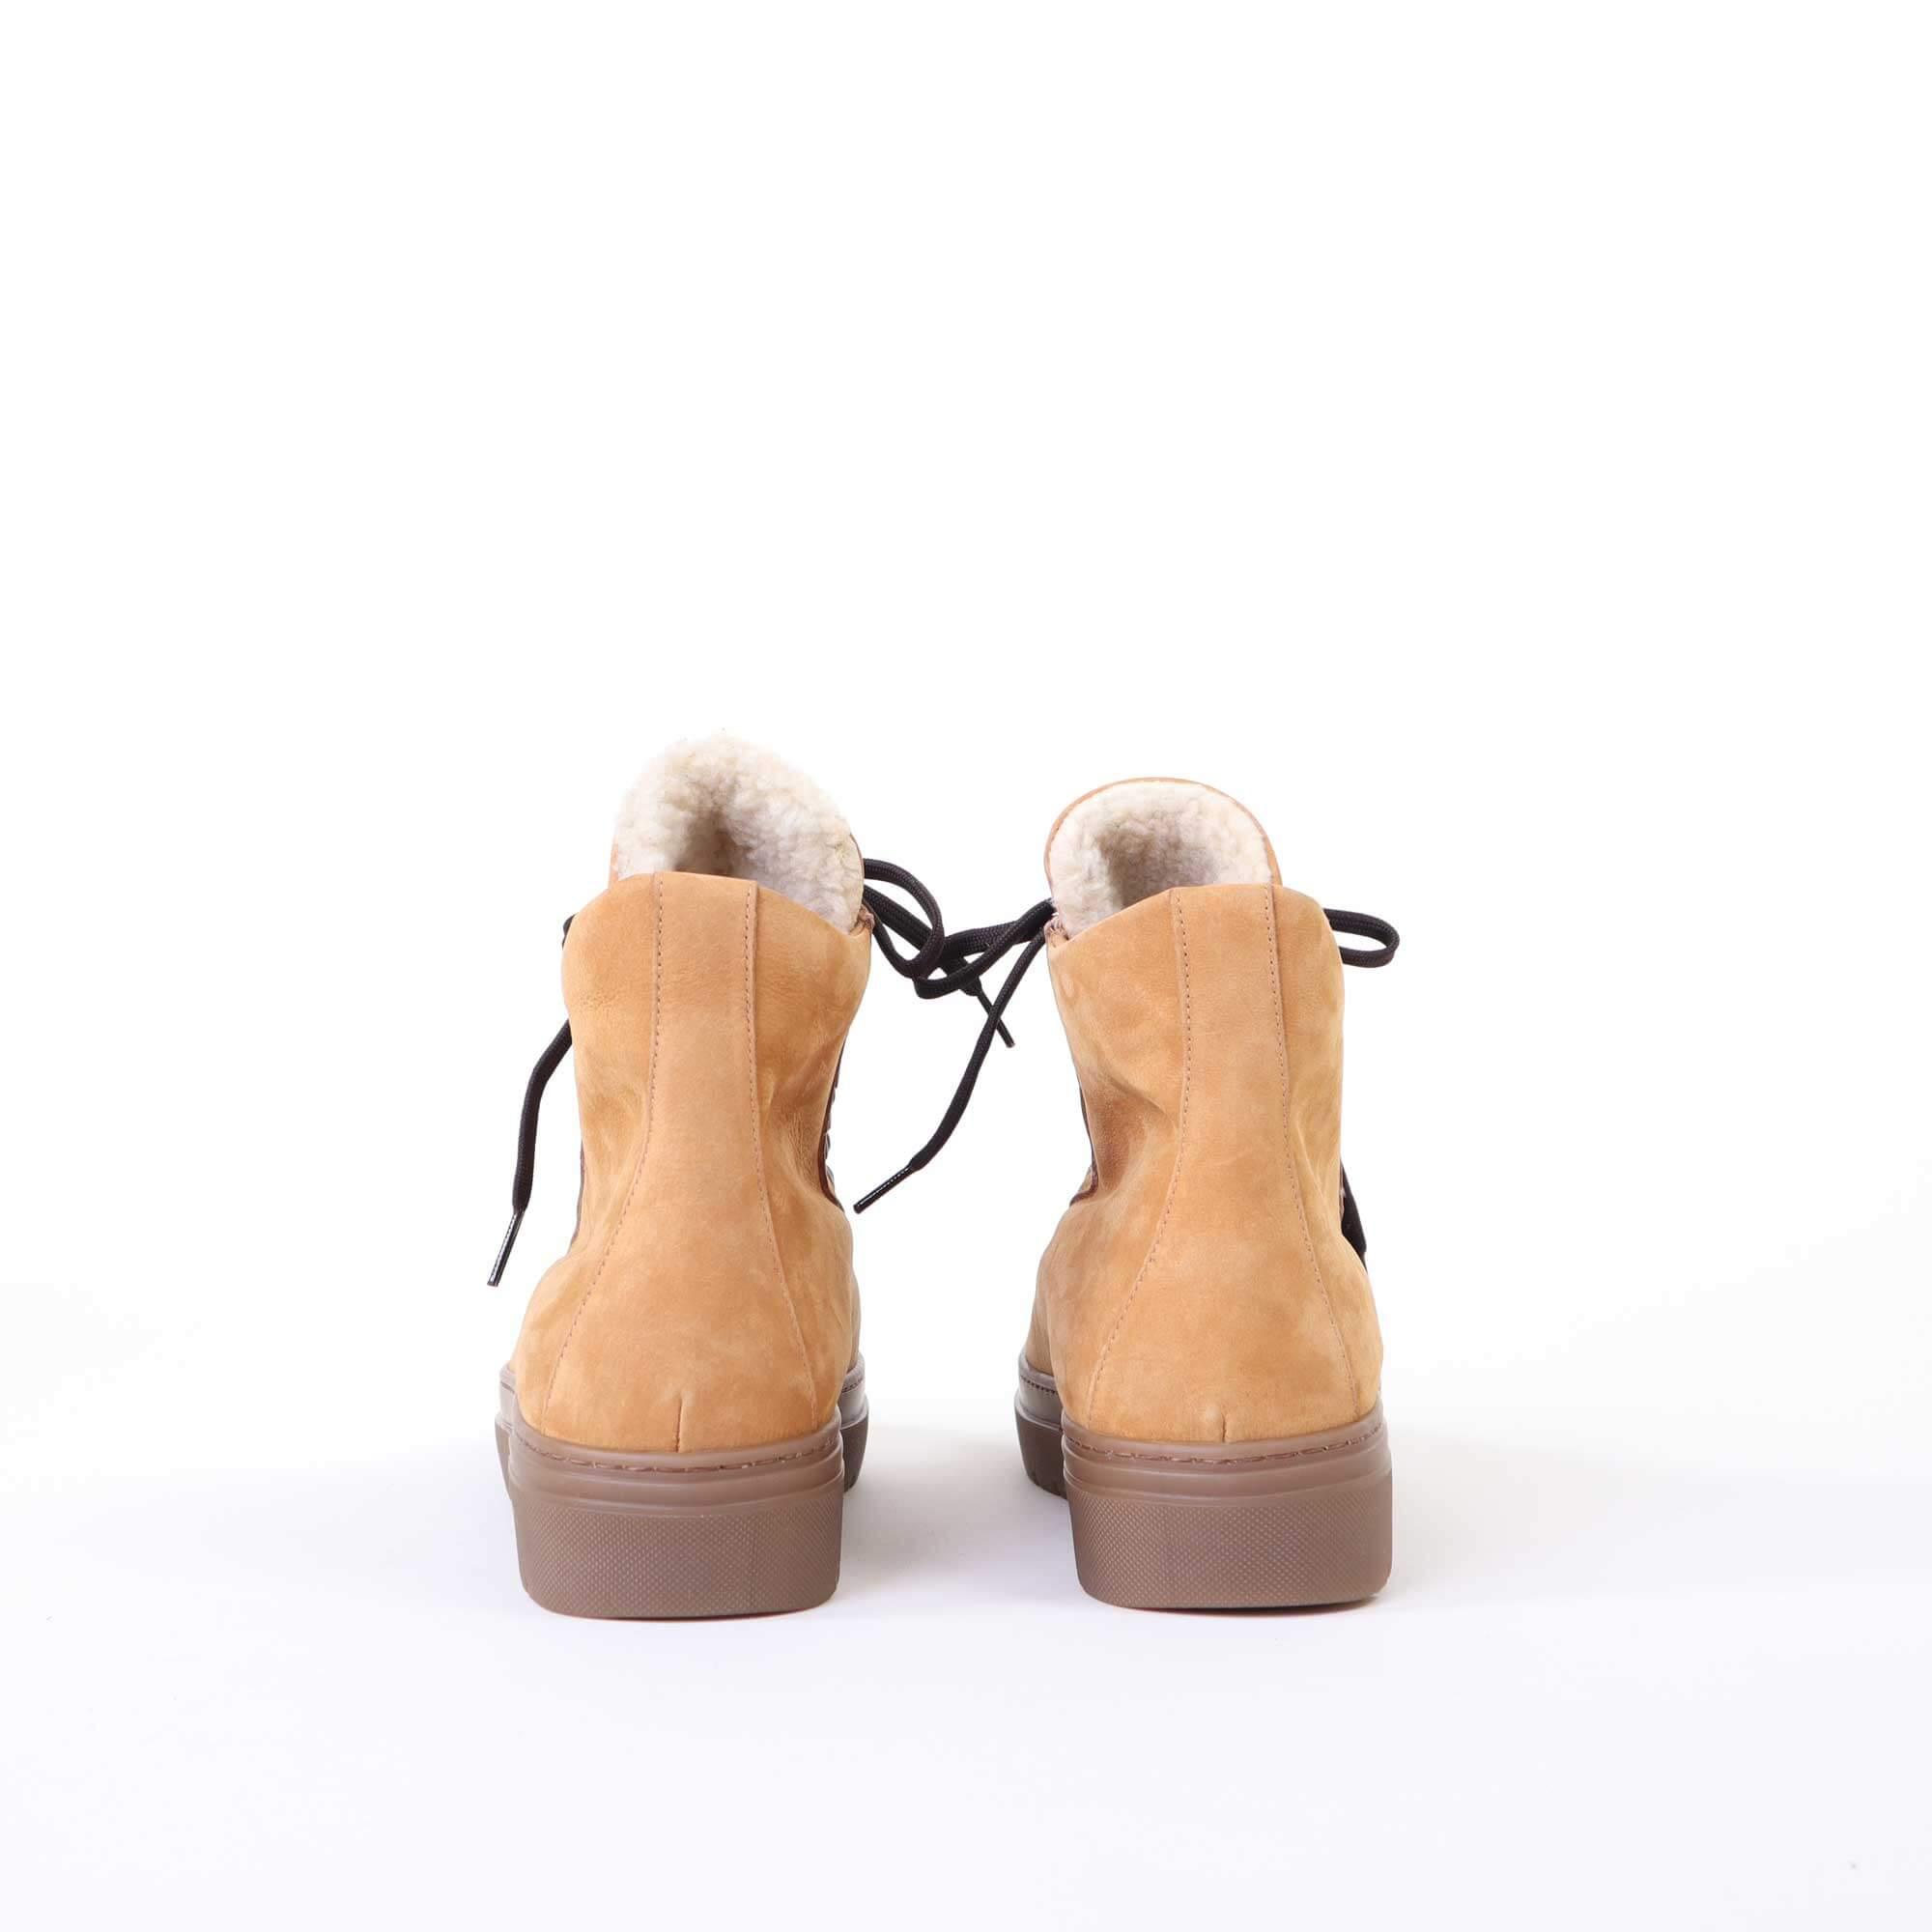 sneakers-h-beige-4